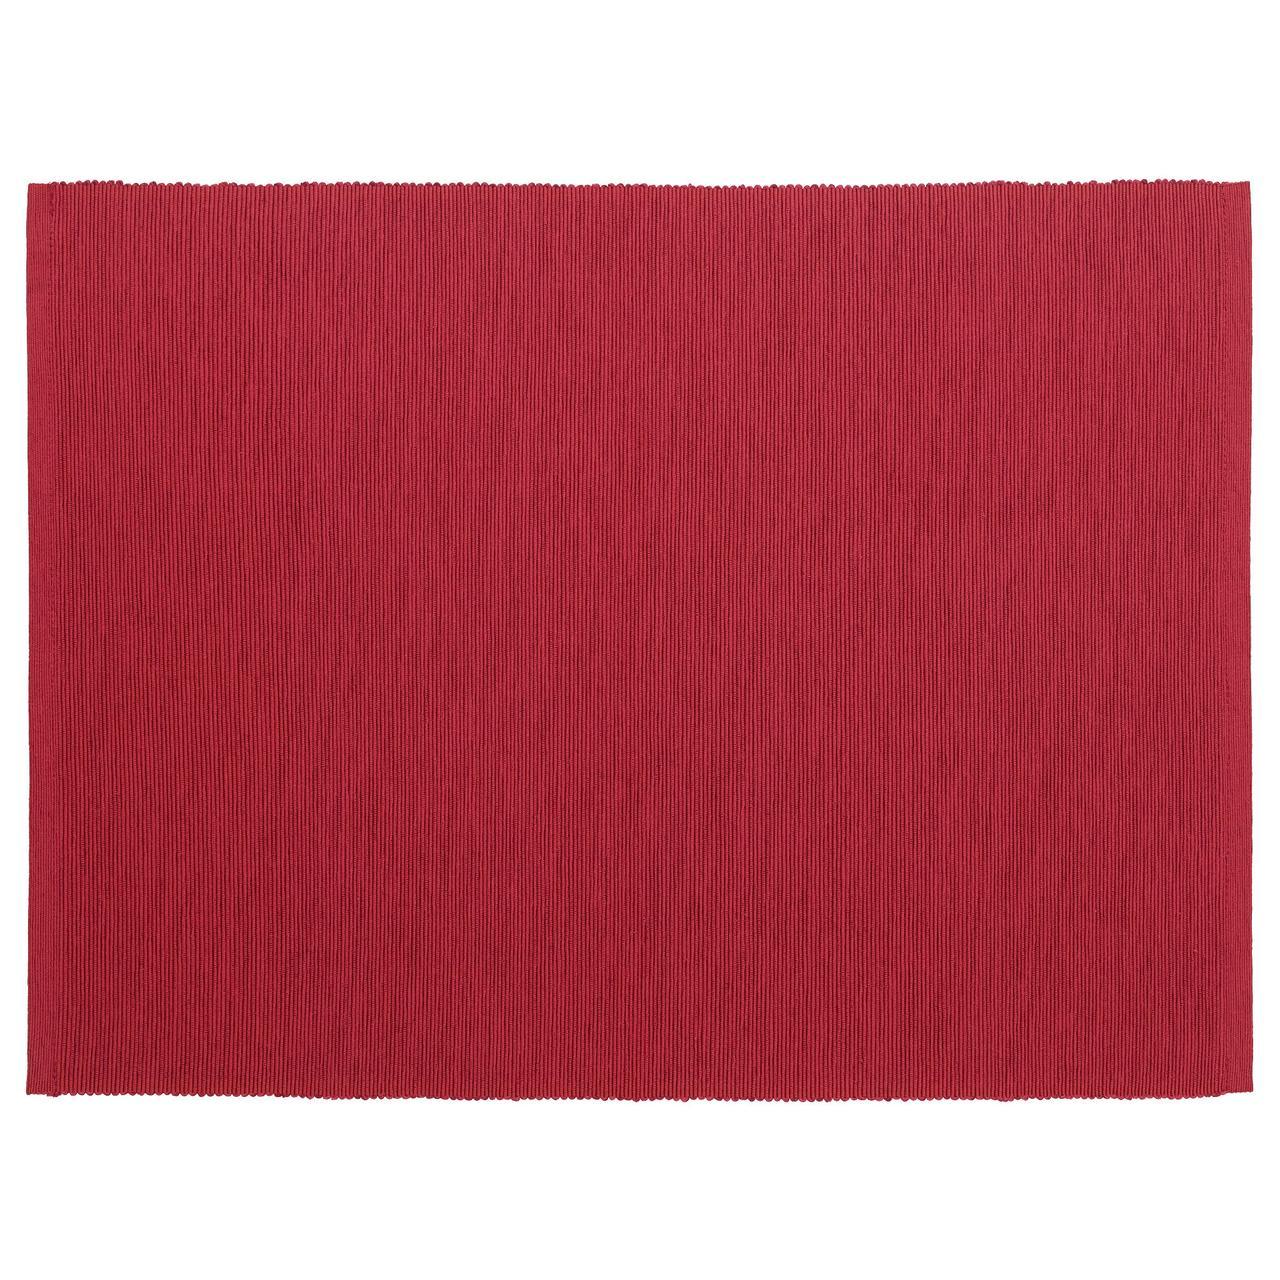 МЭРИТ Салфетка под приборы, темно-красный